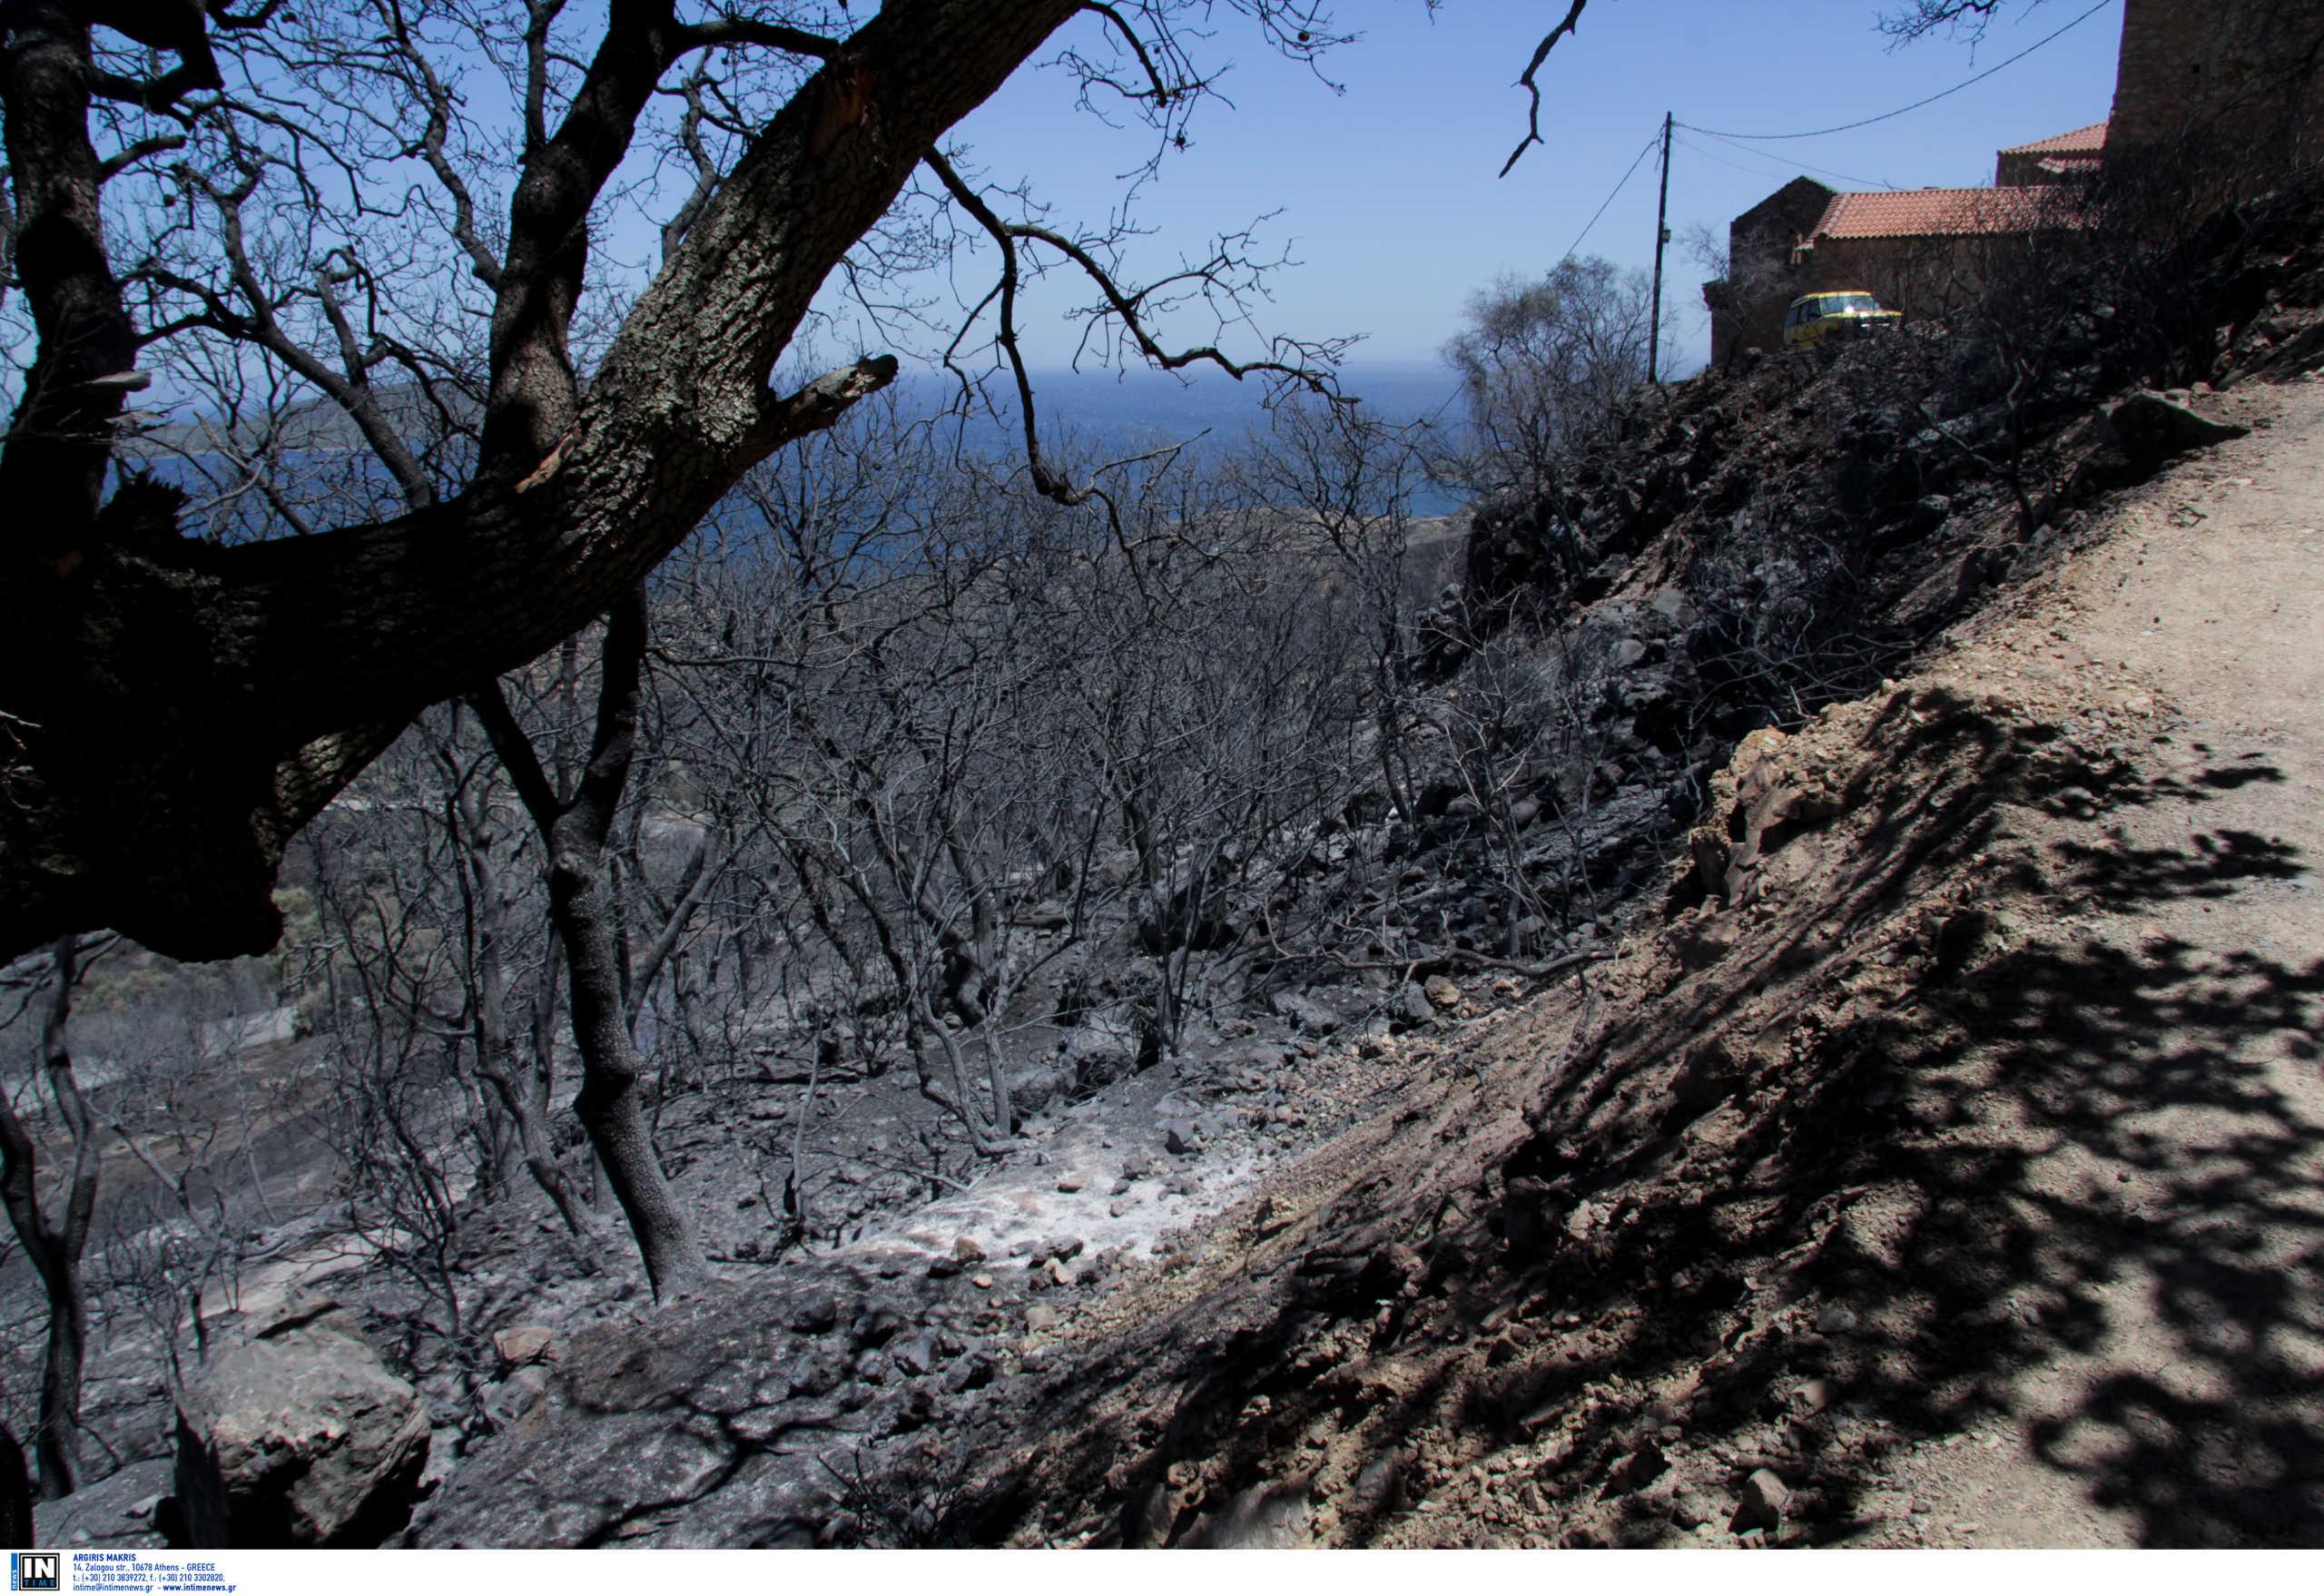 Νέα έρευνα για τις φωτιές σε Μάνη και Κύθηρα το 2017 μετά τις αποκαλύψεις!